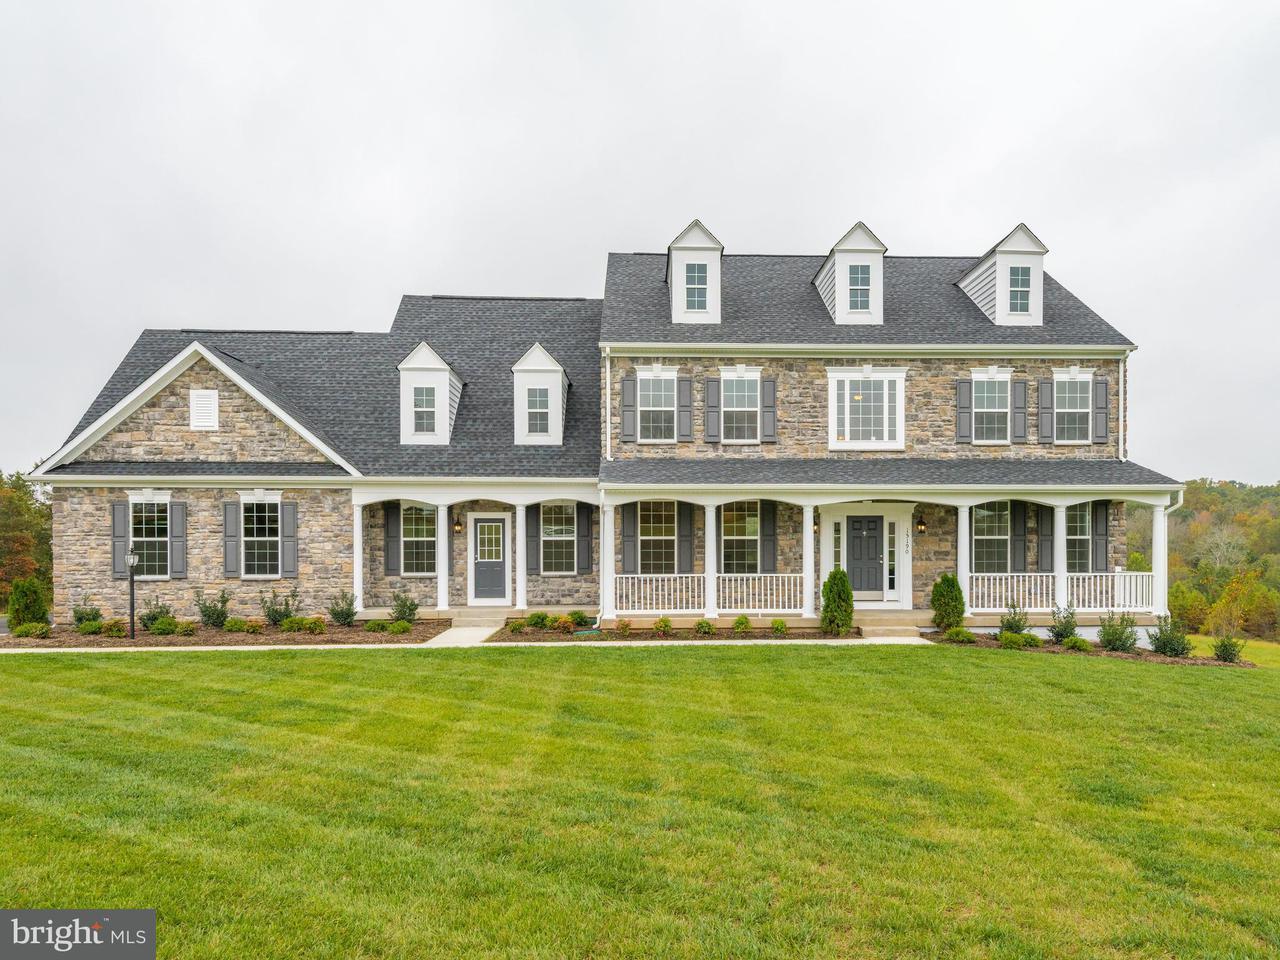 一戸建て のために 売買 アット 15190 OMEGA Court 15190 OMEGA Court Waterford, バージニア 20197 アメリカ合衆国